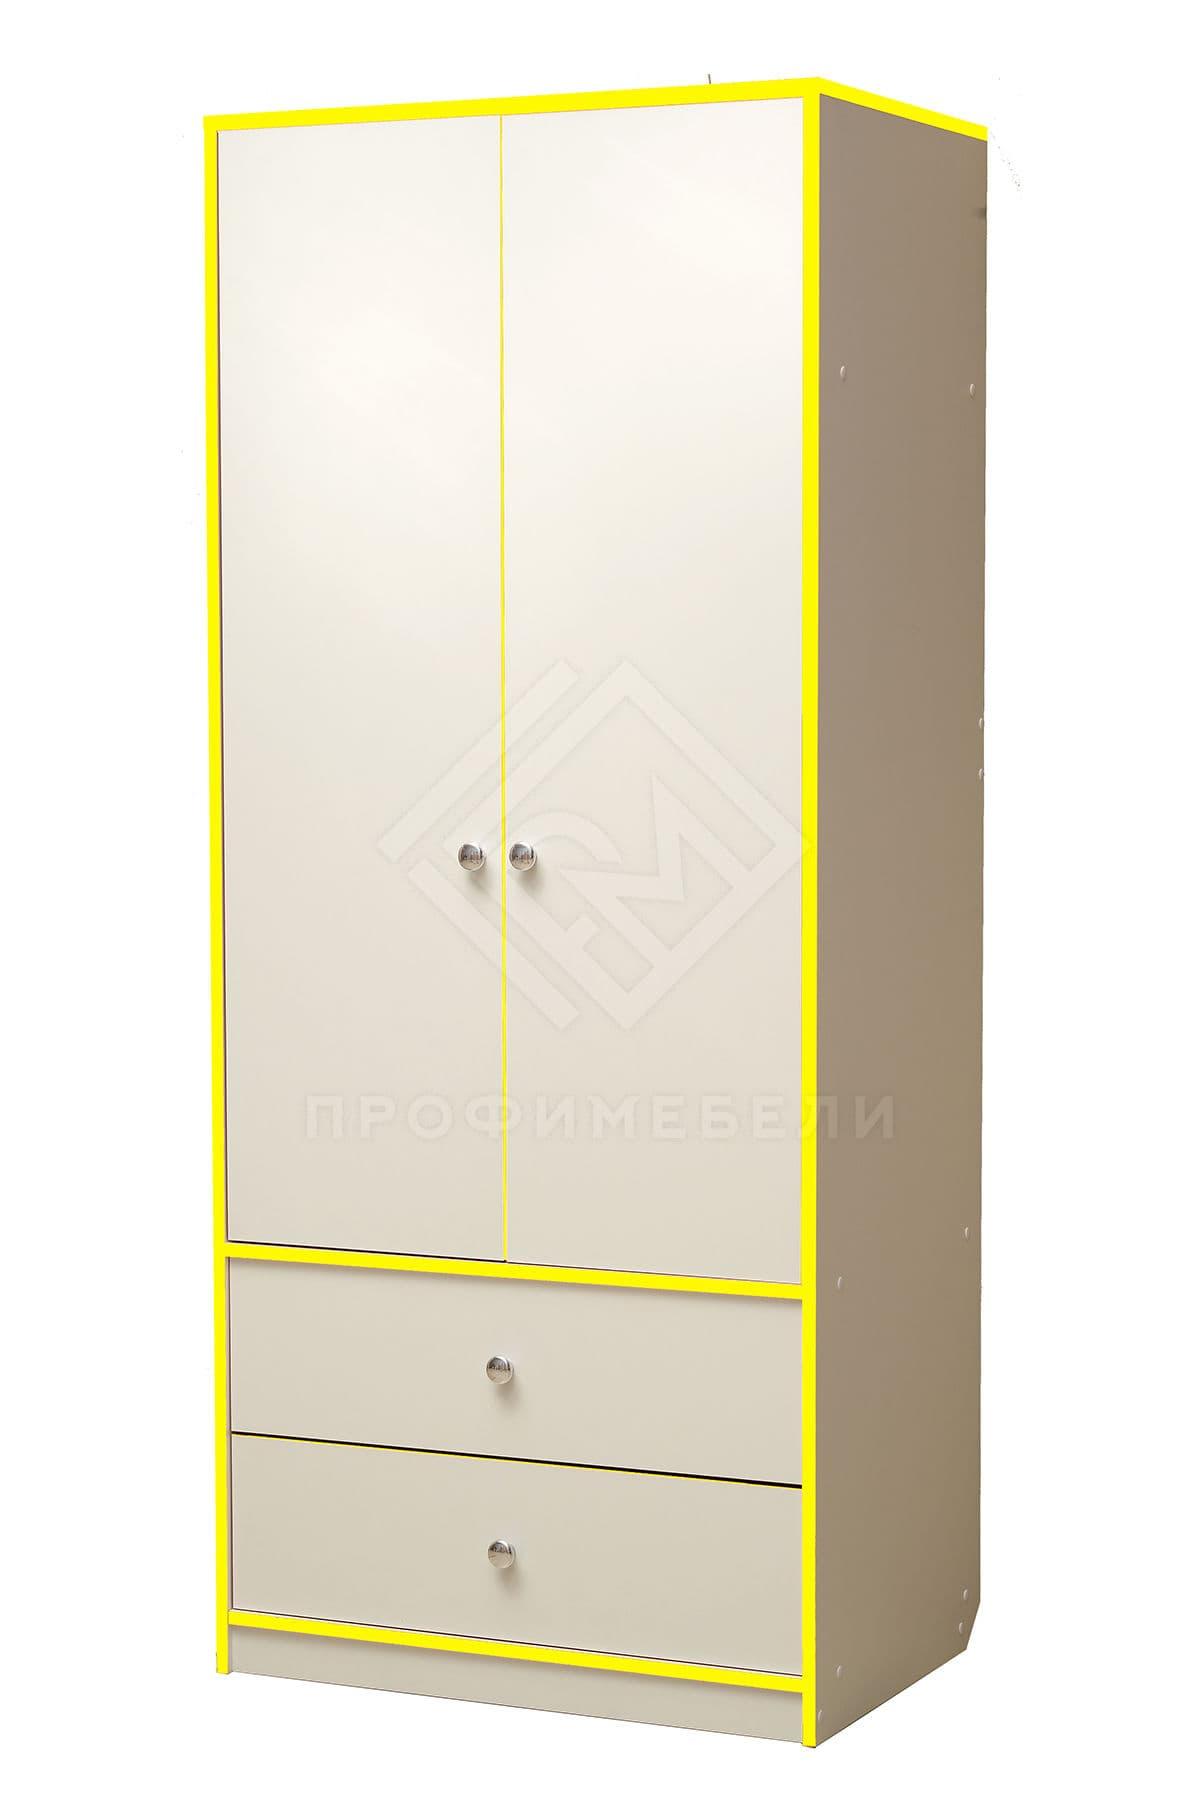 Фото - Юниор-10 Шкаф для платья и белья лдсп Белый с желтой кромкой (№1)